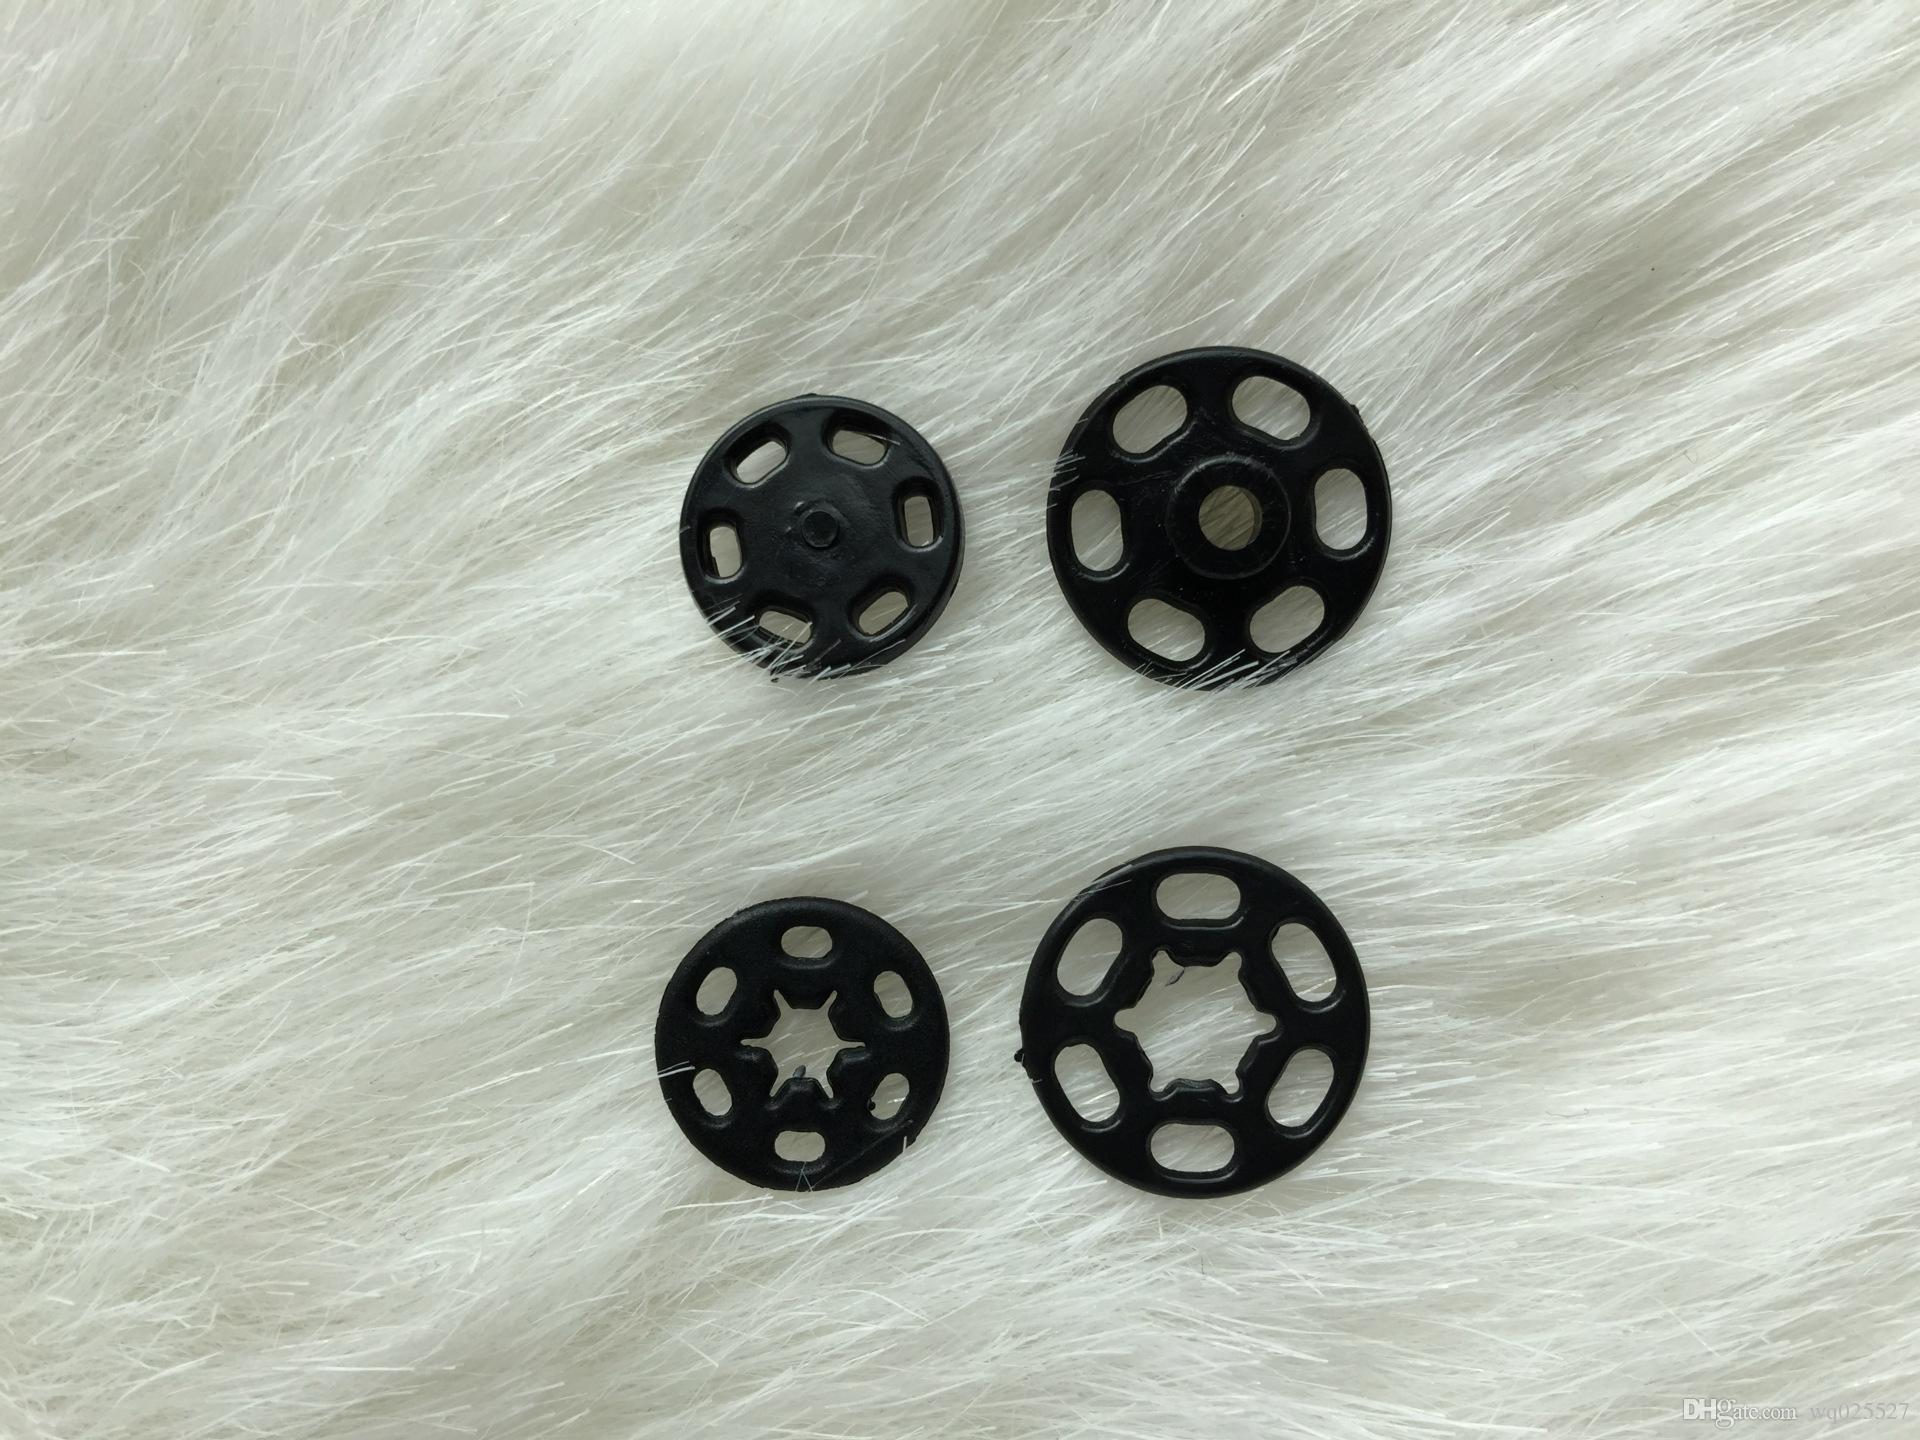 100 pçs / lote fornecimento Por Atacado botões invisíveis camisa escondida-intertravamento snap botão elevador botões acessórios de vestuário